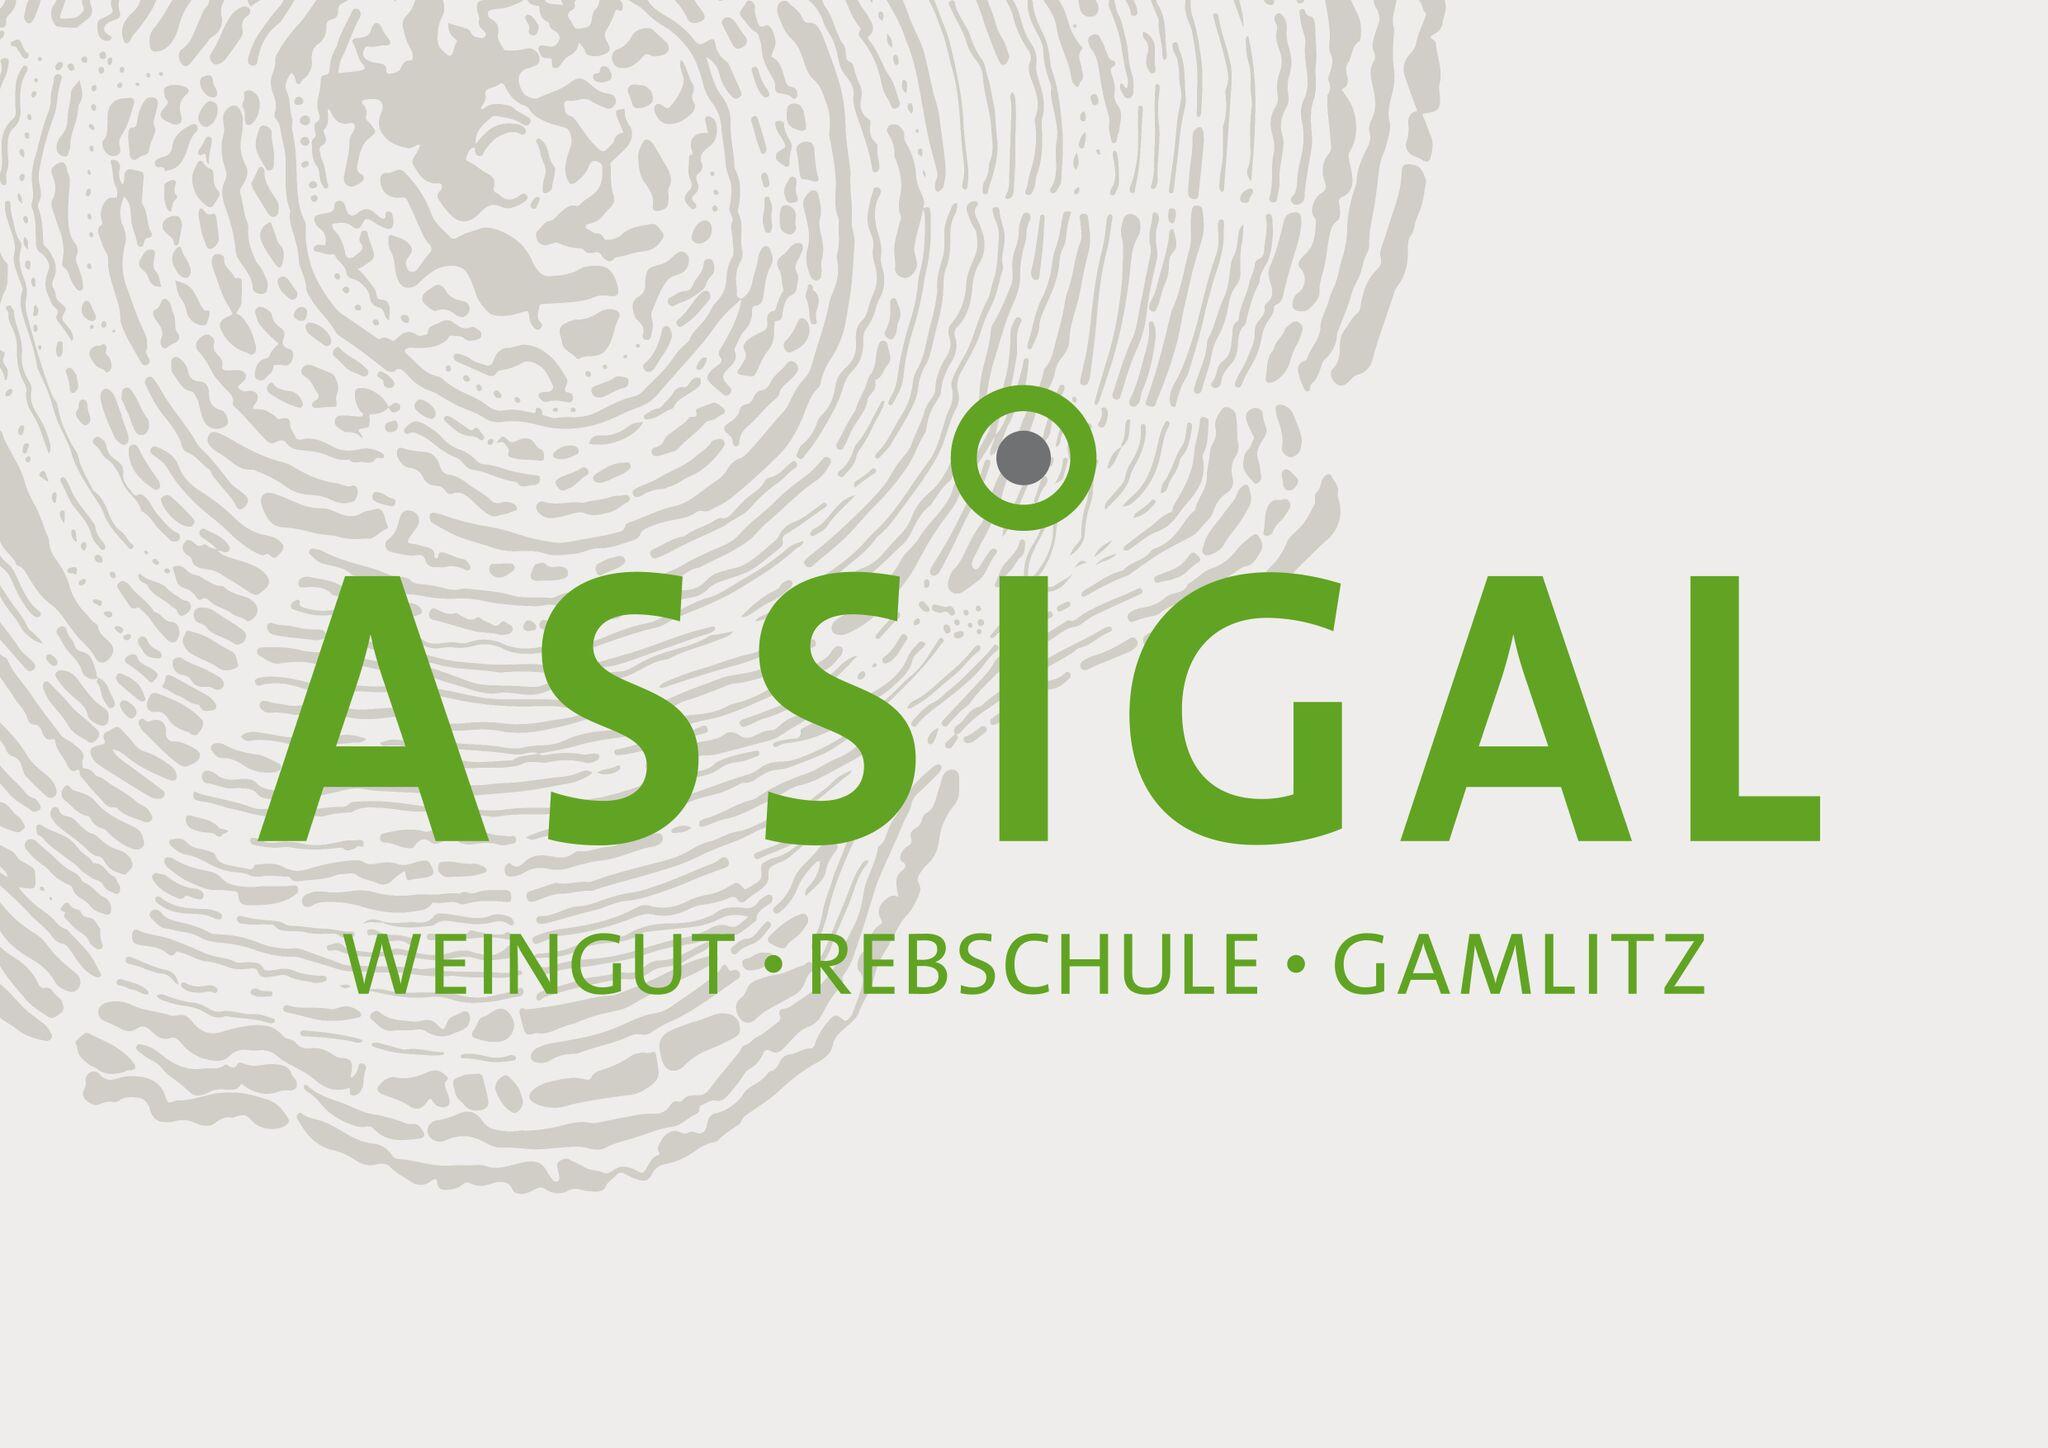 Weingut Assigal